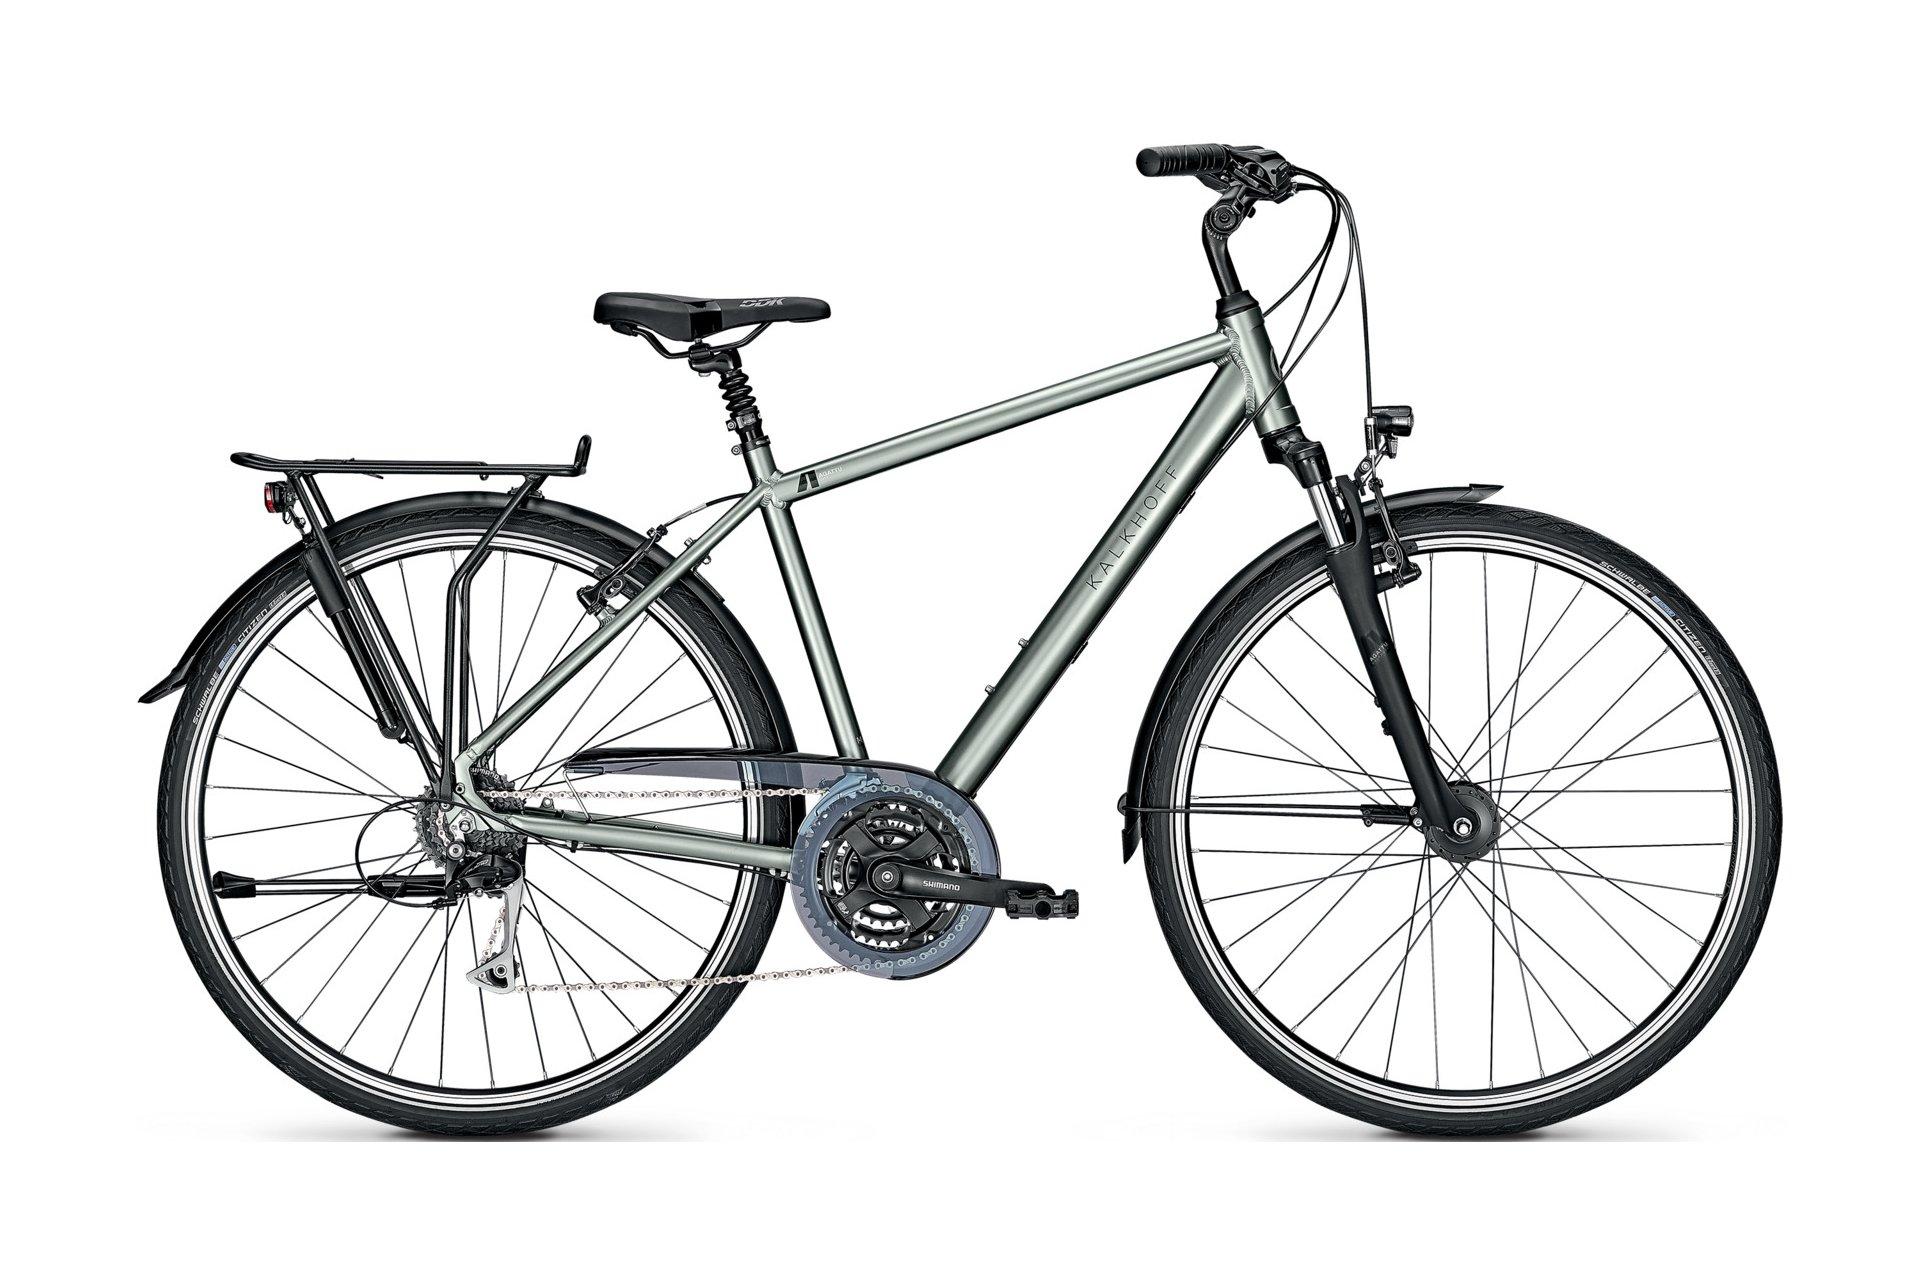 Kalkhoff Agattu 24 2021 28 Zoll bestellen   Fahrrad XXL